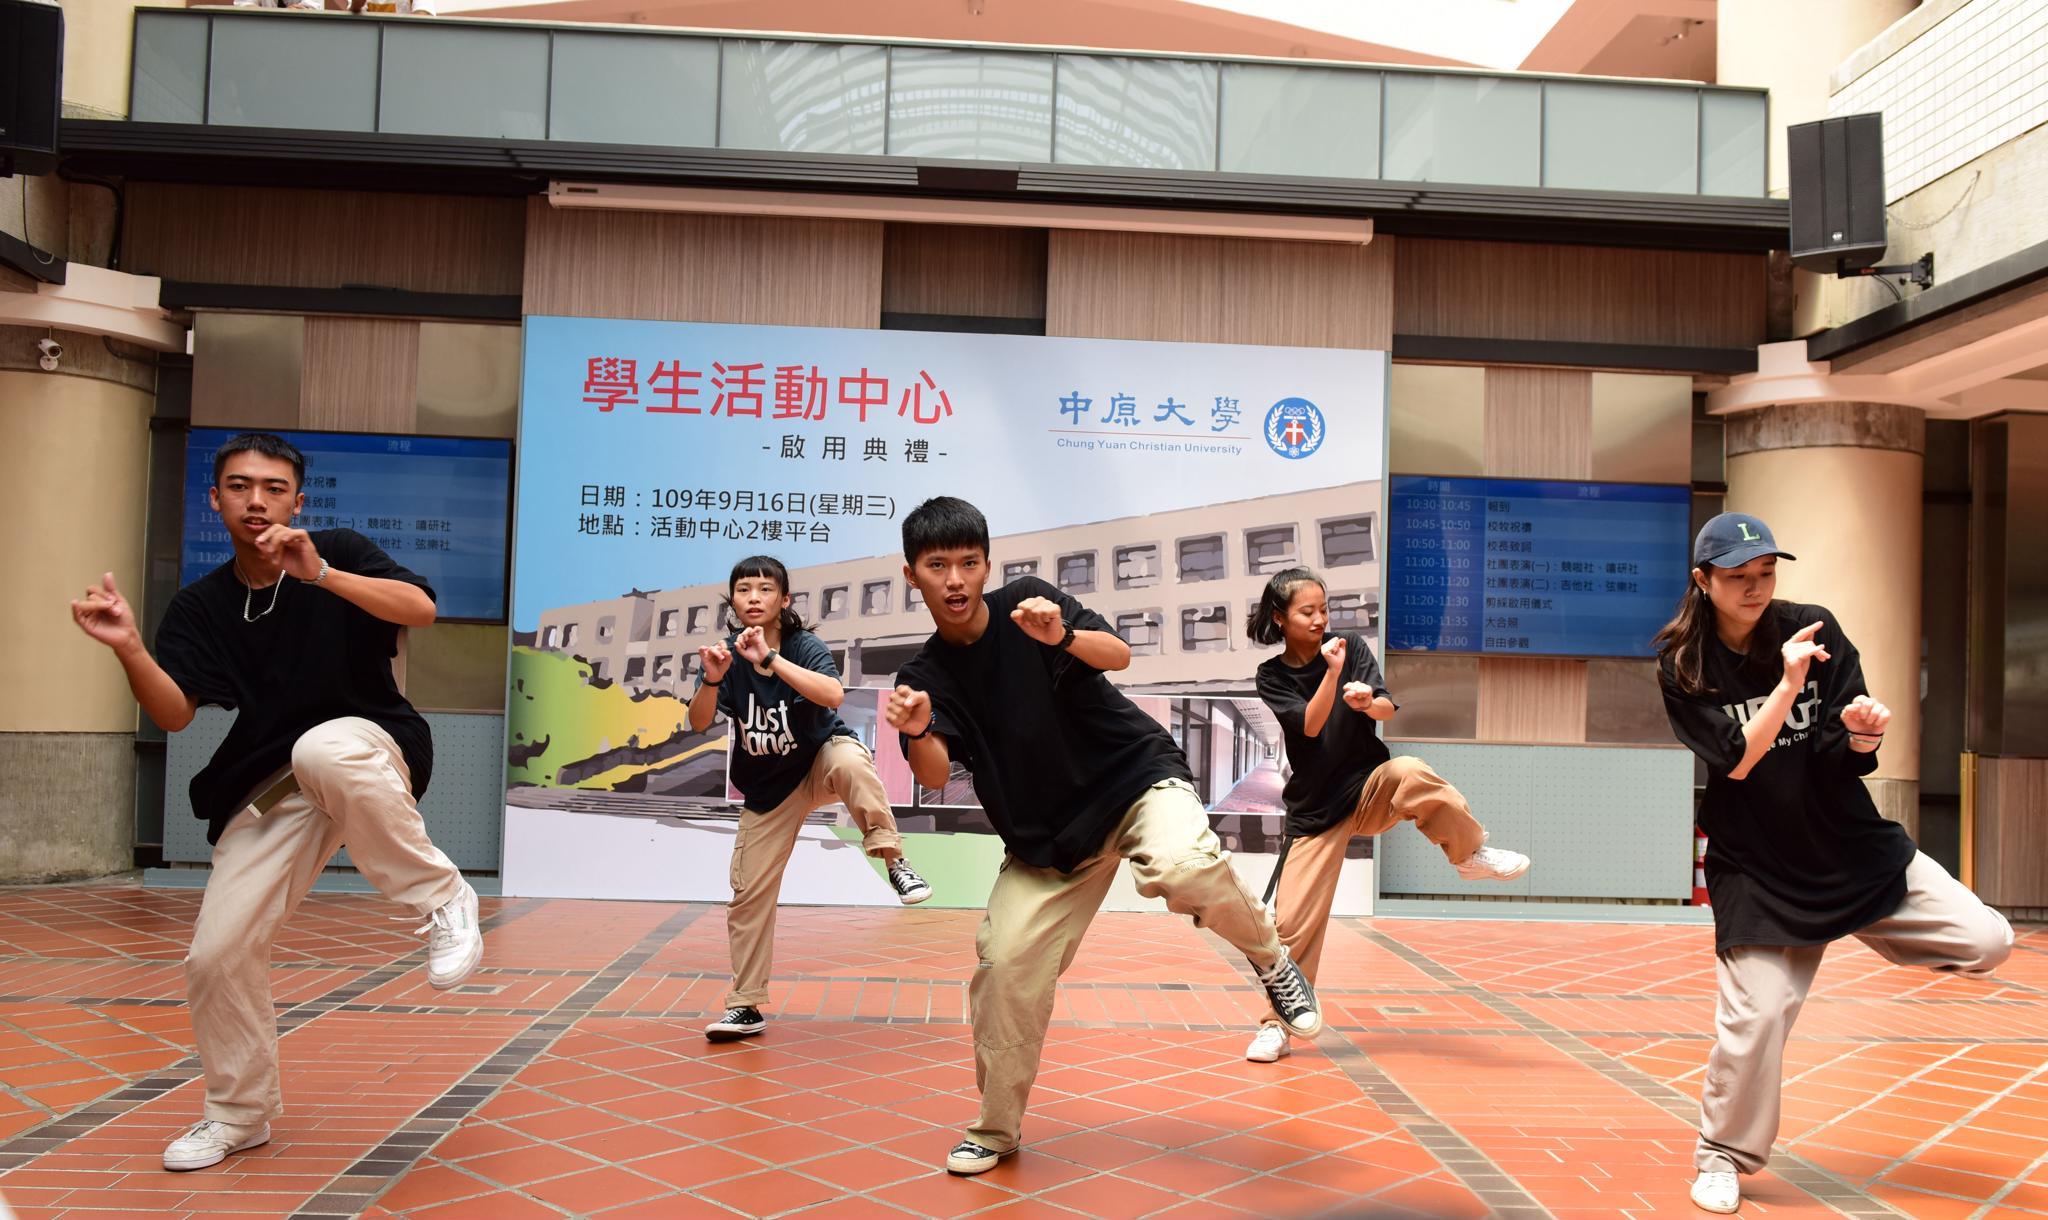 中原大學學生活動中心整修啟用典禮,嘻哈文化研究社開幕表演,舞技精湛。.jpg